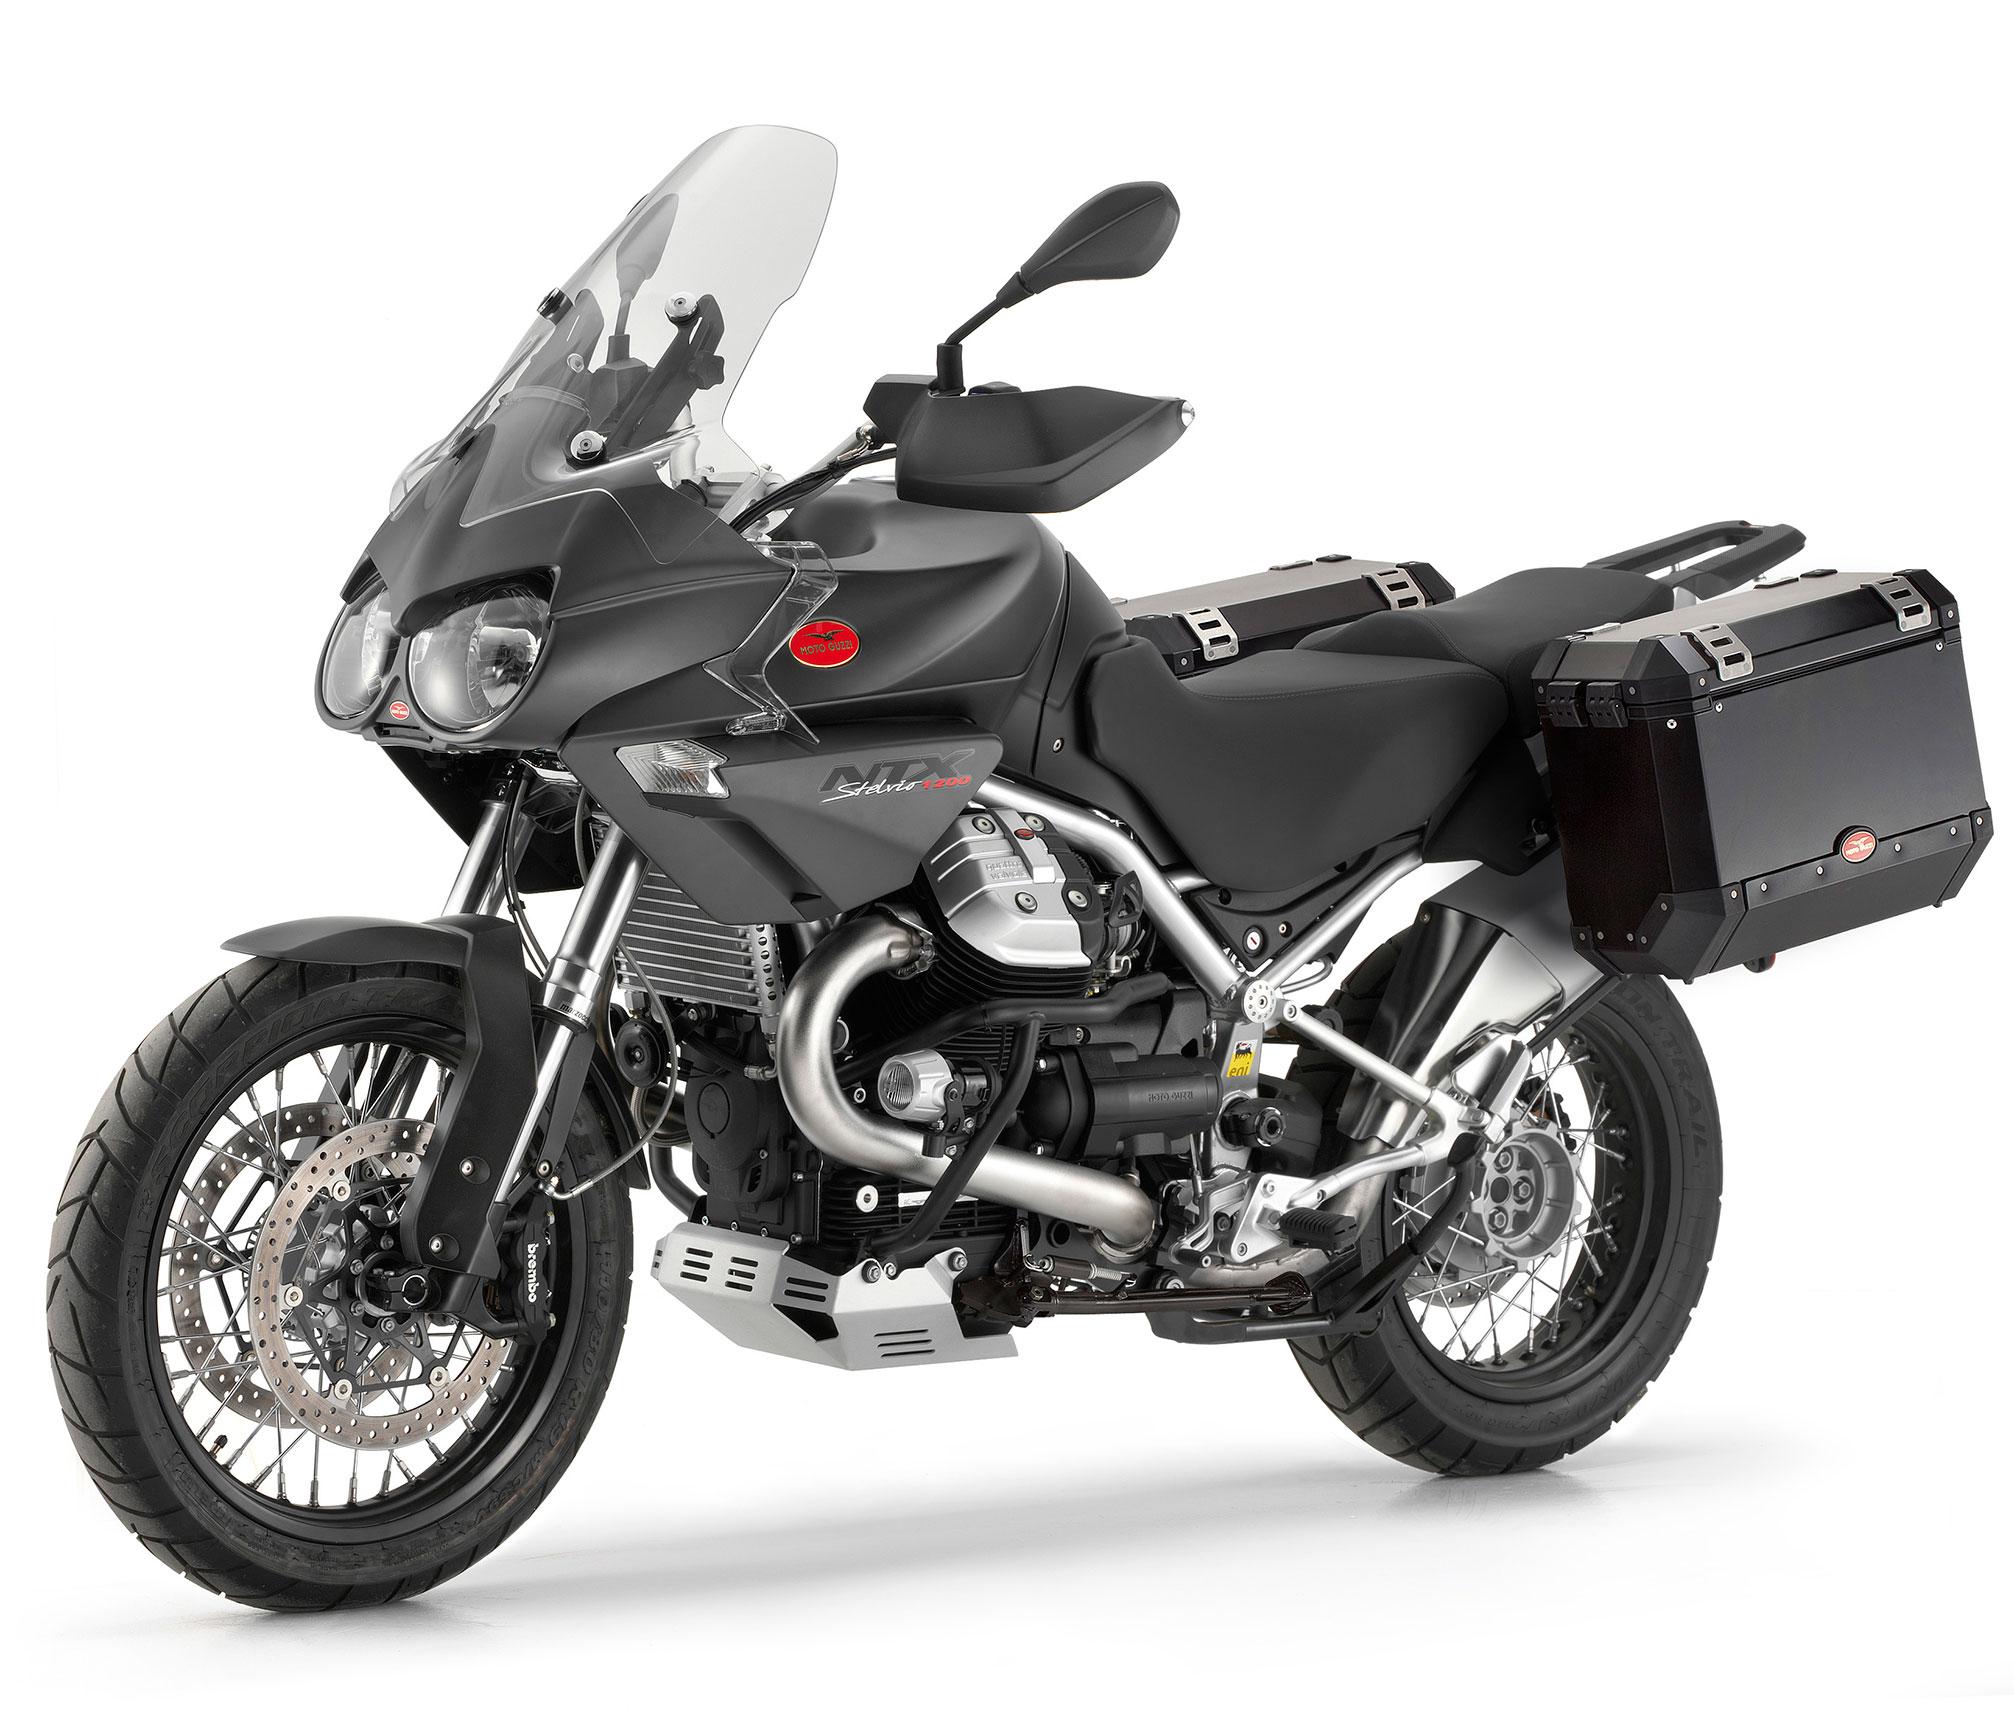 Three Moto Guzzi V7 Models Coming To America For 2013: MOTO GUZZI Stelvio 1200 NTX Specs